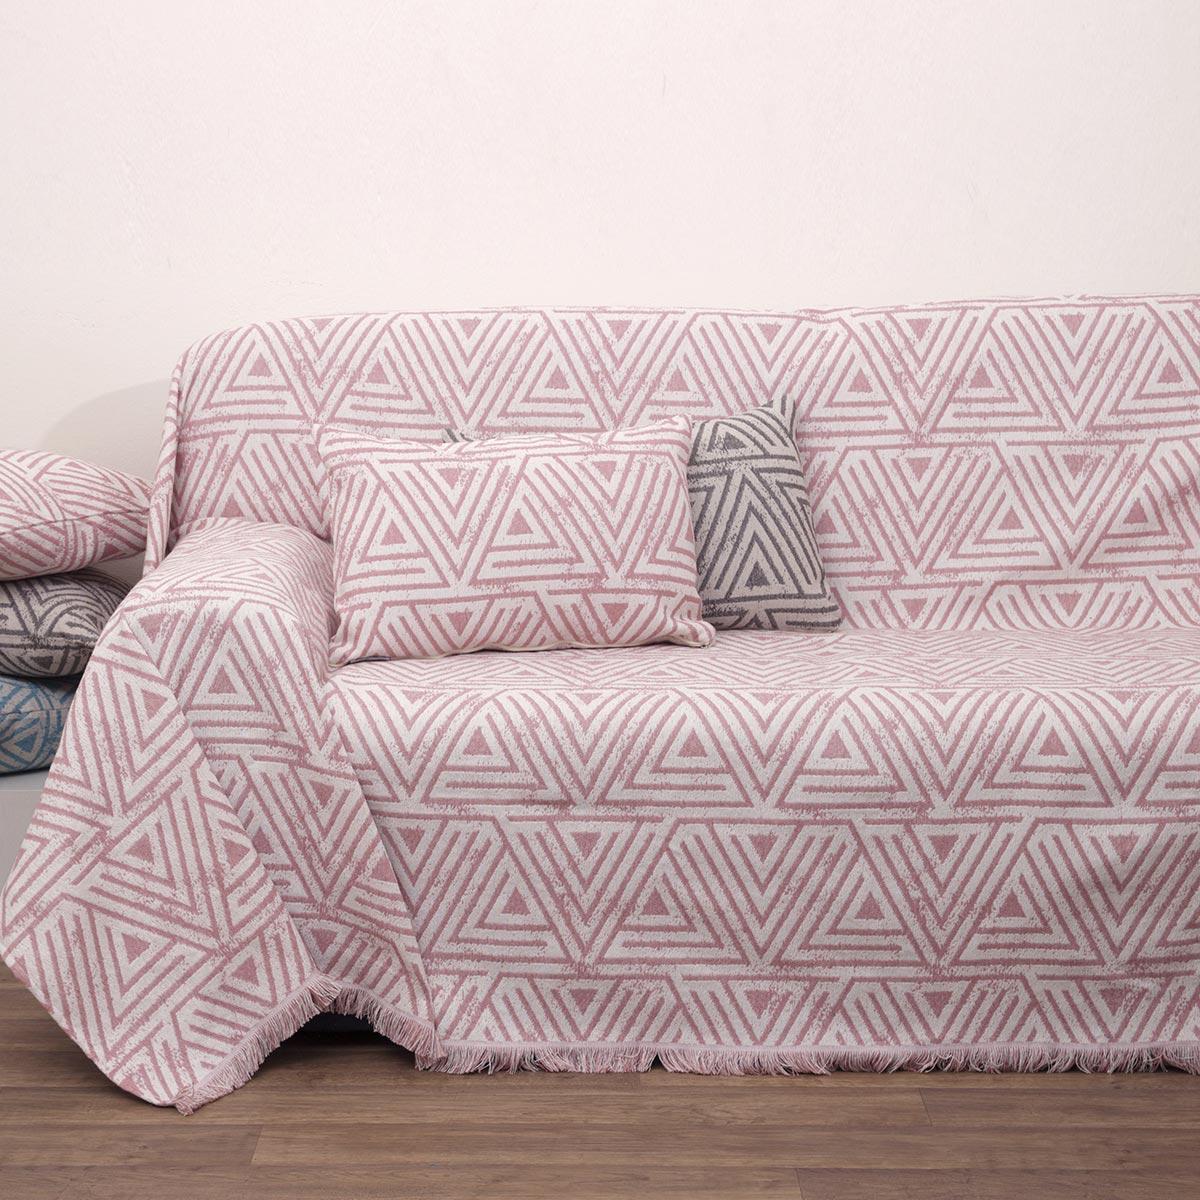 Ριχτάρι Τετραθέσιου (180×320) Anna Riska 1560 Blush Pink